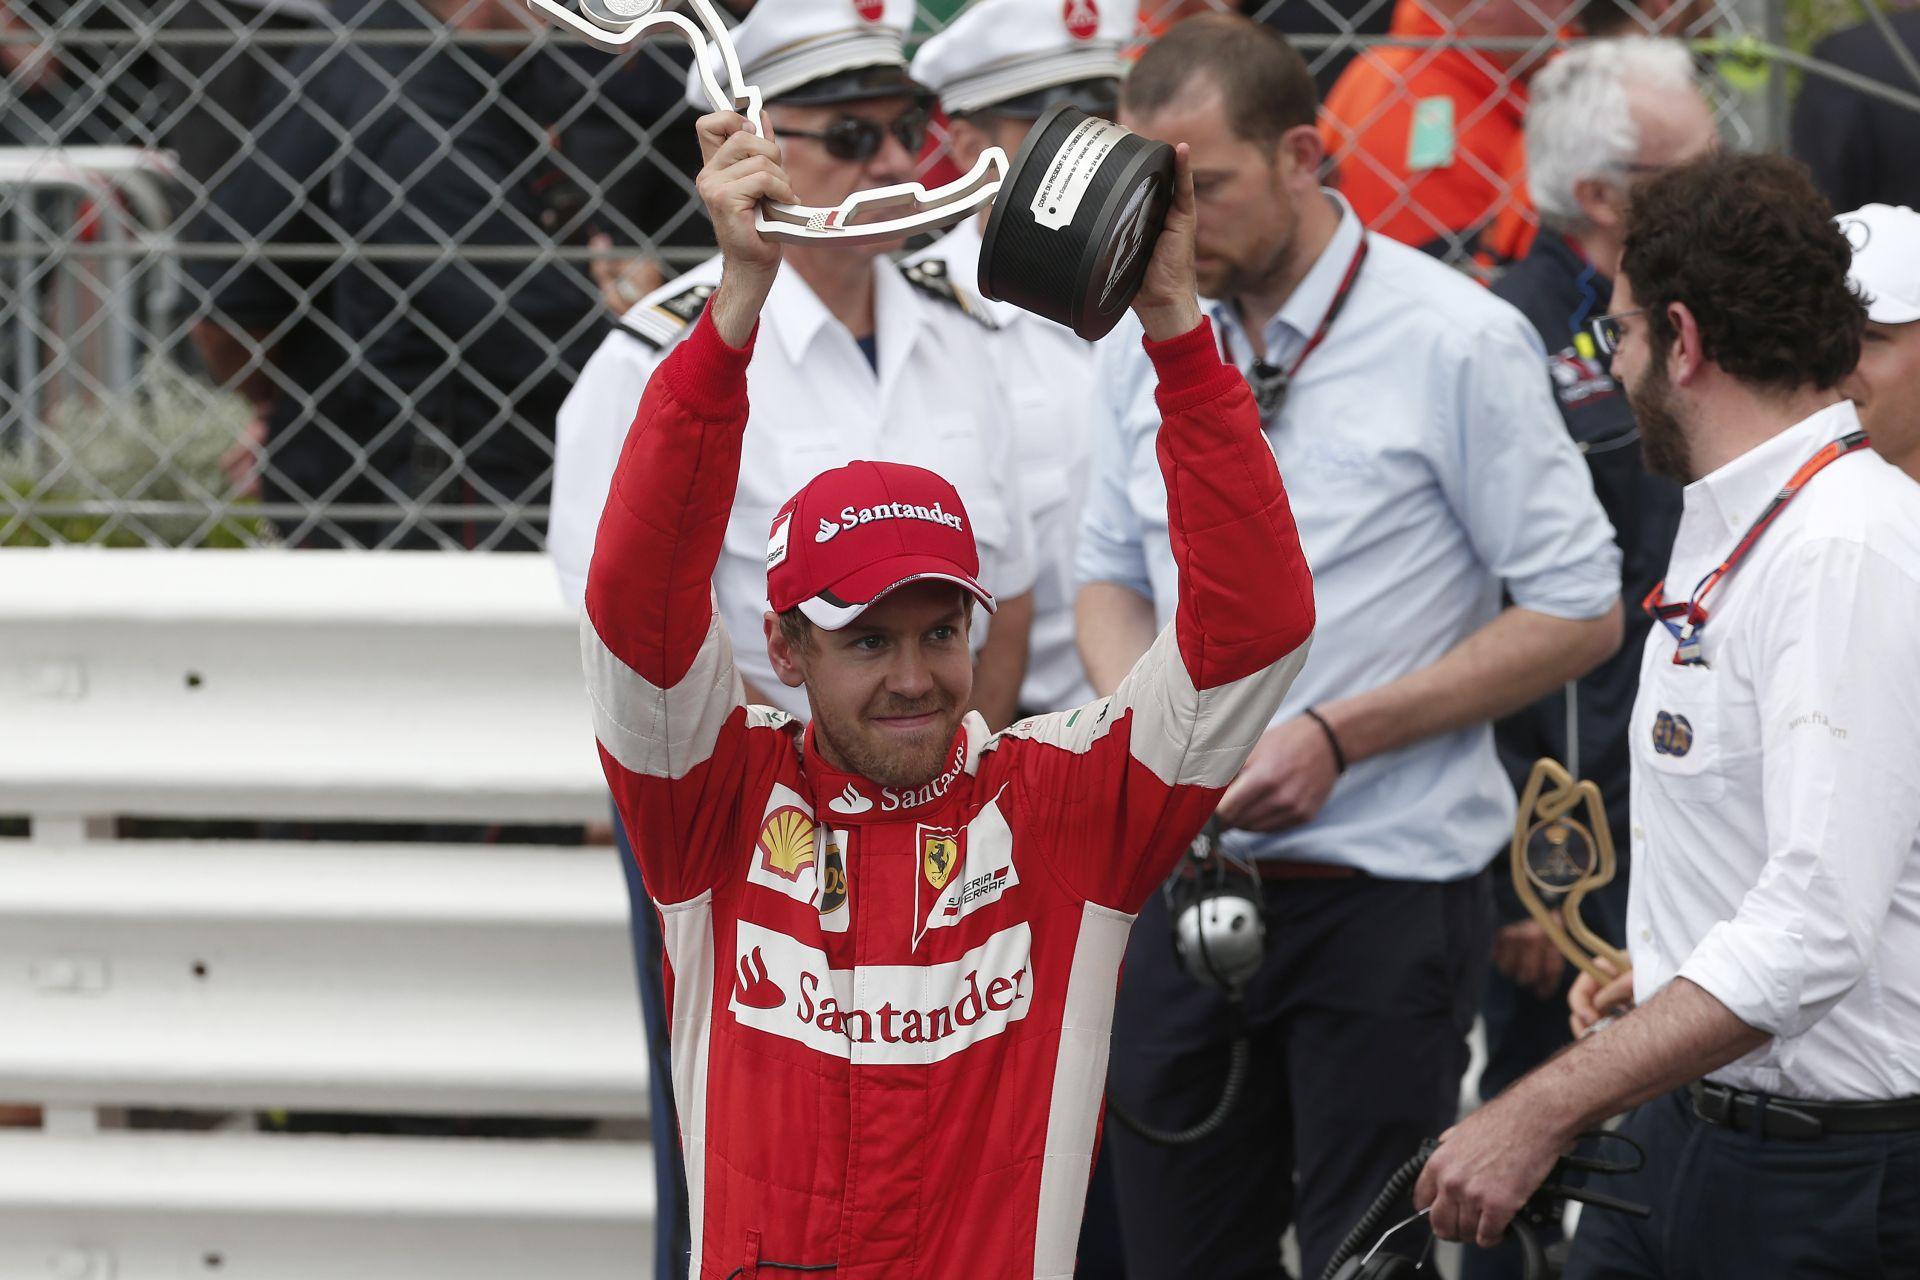 A Ferrarinak igazi rémálom volt Vettel ellen versenyezni... sebaj, most már a többiek feje fájhat!